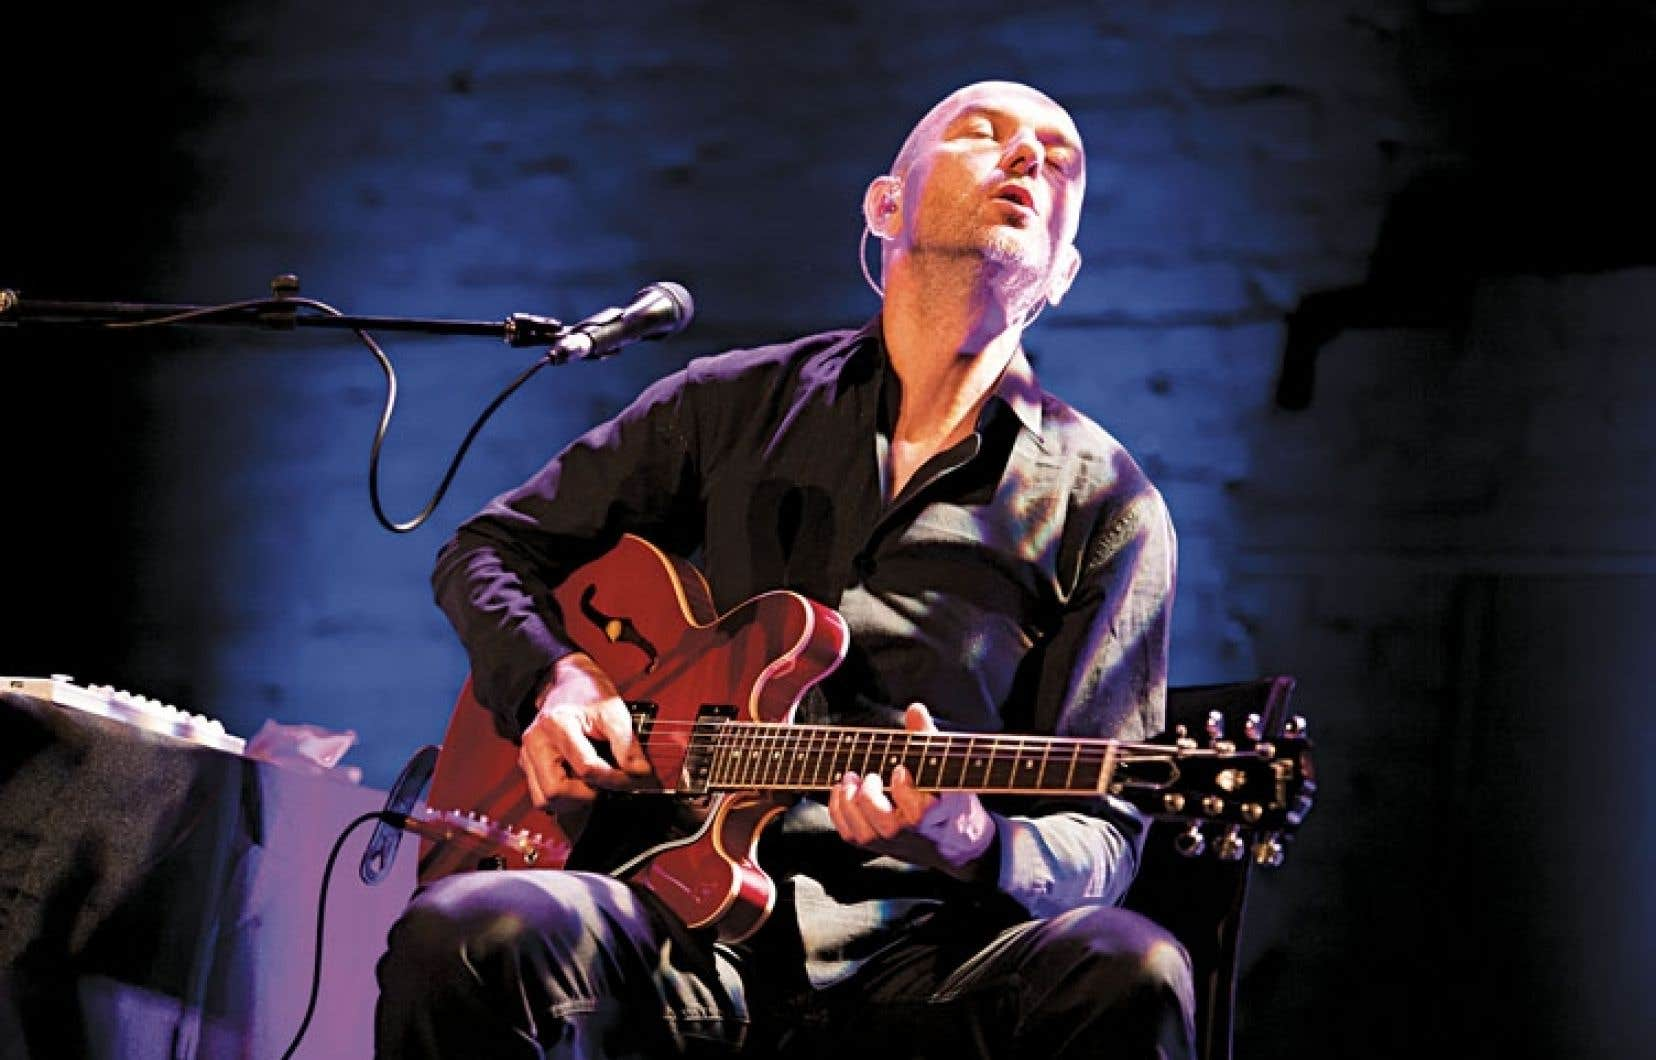 Le guitariste français Nicolas Repac a offert une courte prestation mardi, lors du dévoilement de la programmation en salle du 34e FIJM. Repac présentera le 3 juillet son projet The Black Box, où il utilise et alimente en direct ses machines pour retourner aux sources du blues.